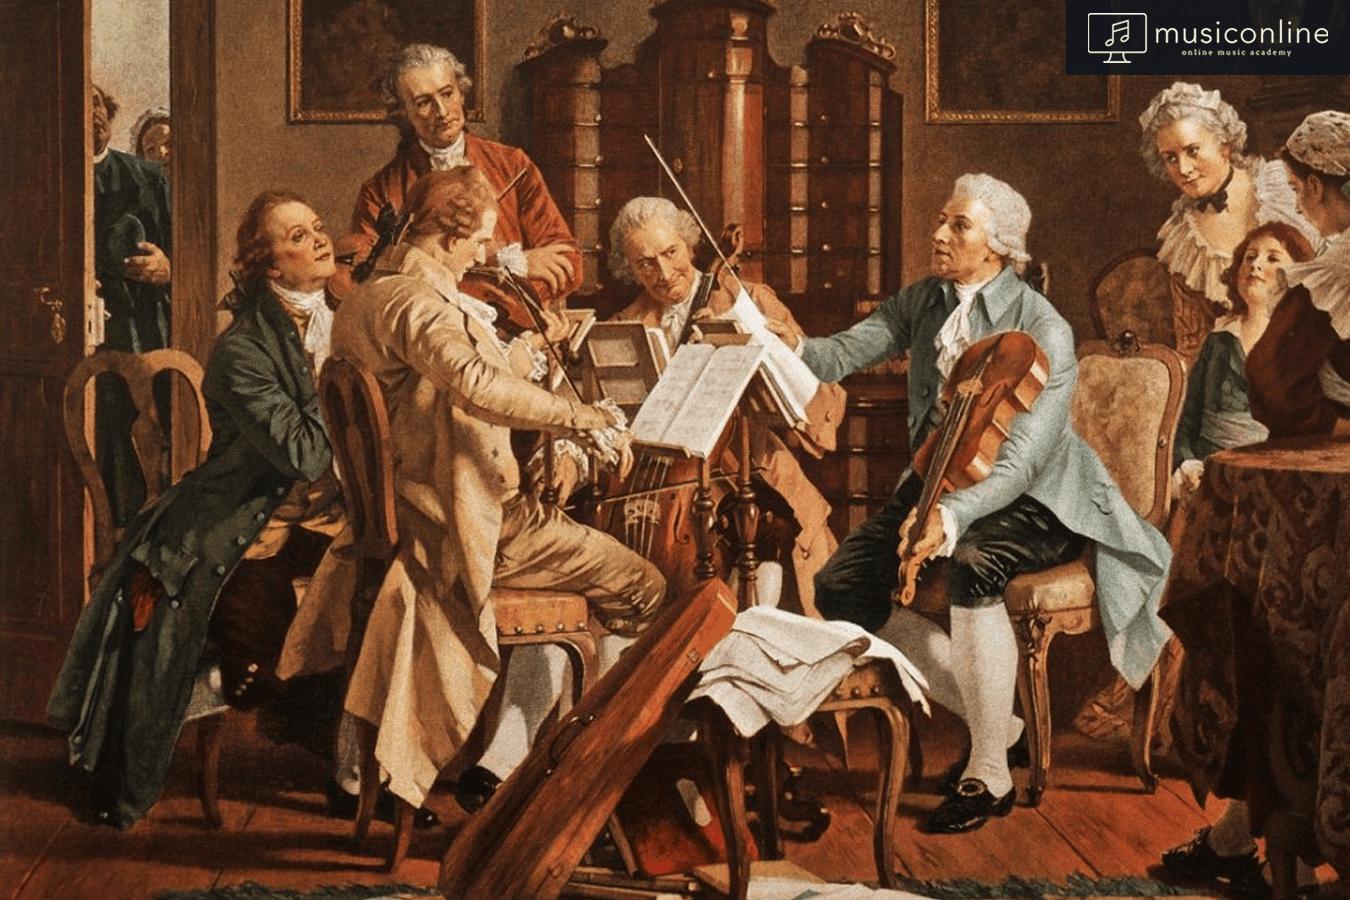 Nhạc cổ điển thời kỳ Baroque: Chân dung 10 nhà soạn nhạc tiêu biểu